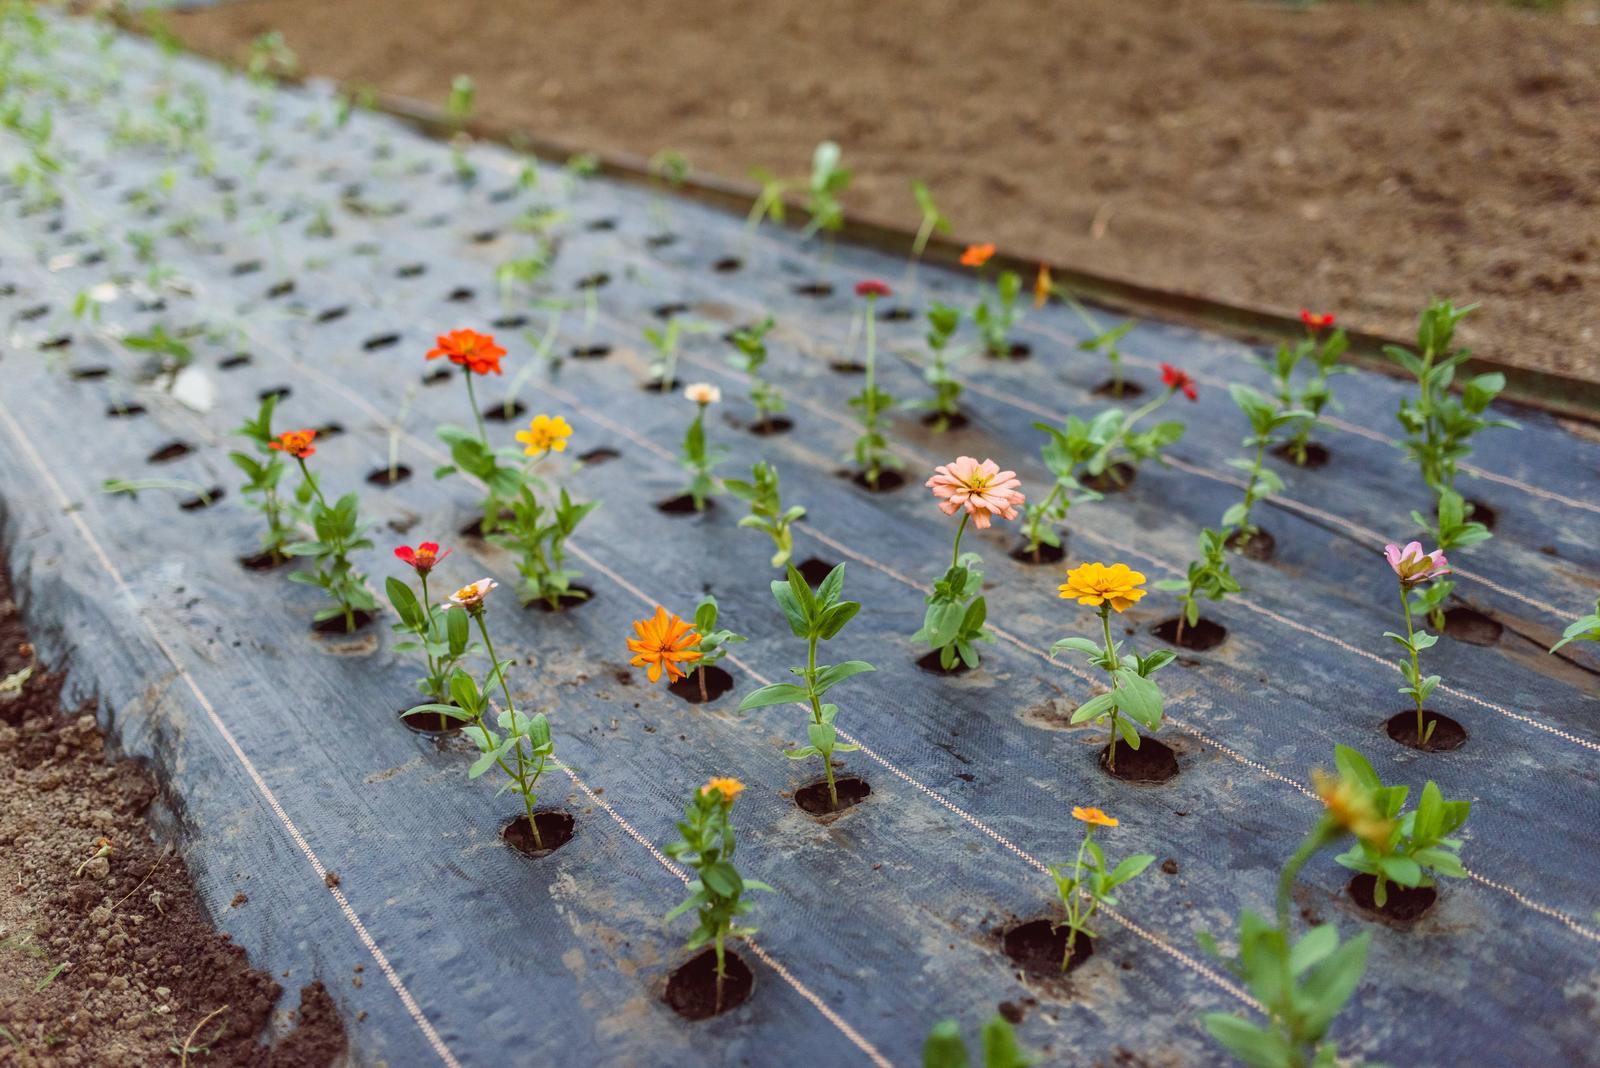 Vo víre kvetov... - Druhá várka sadeníc - tieto boli staršie, poctivo pikírované a mali lepšie korene - tu už dúfam veľké straty nebudú.